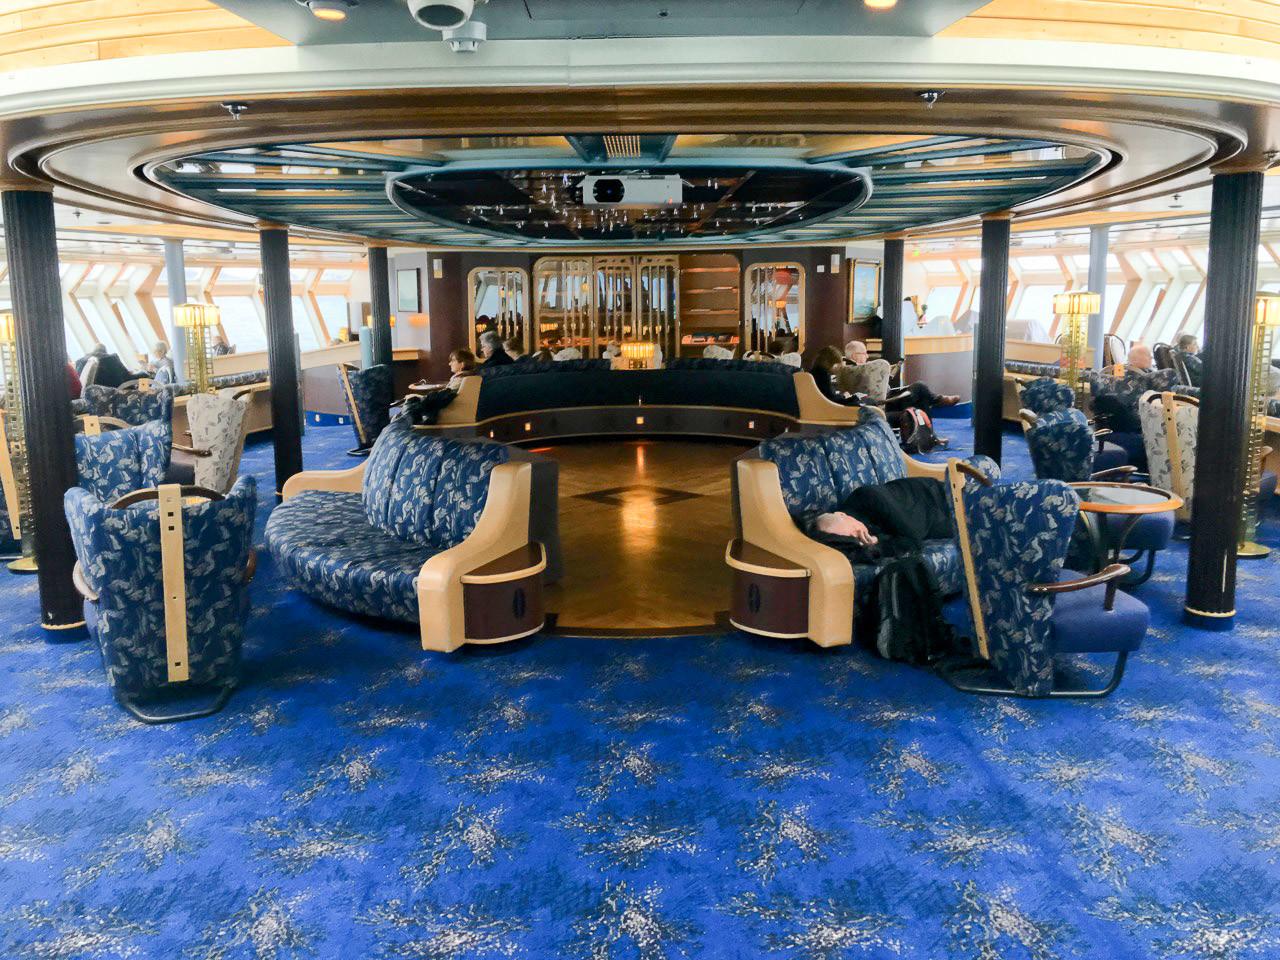 Deck 8 - Observation Lounge